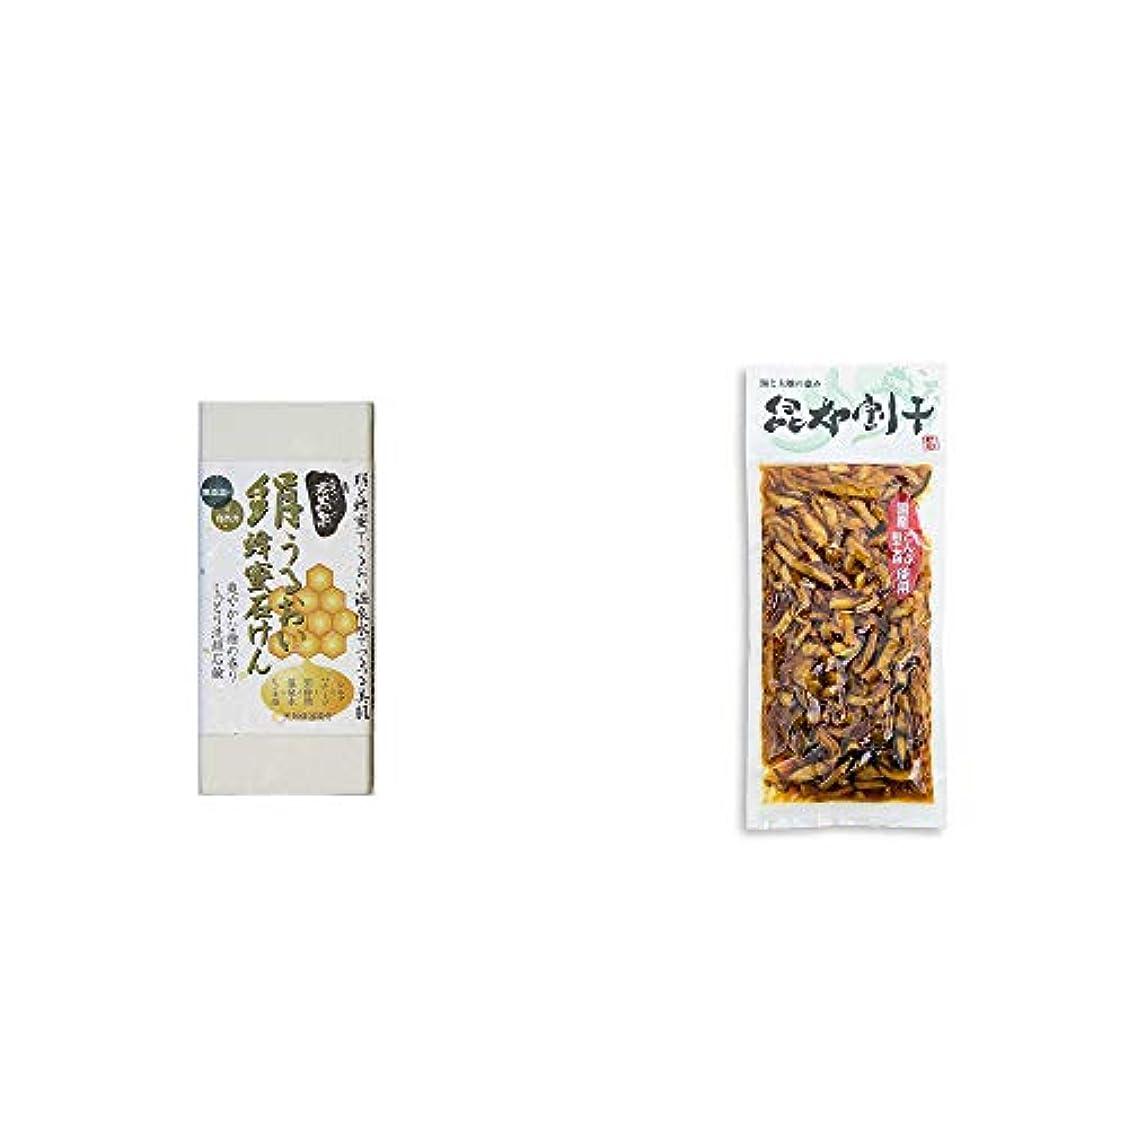 軸ポンプもろい[2点セット] ひのき炭黒泉 絹うるおい蜂蜜石けん(75g×2)?海と大地の恵み 昆布割干(250g)